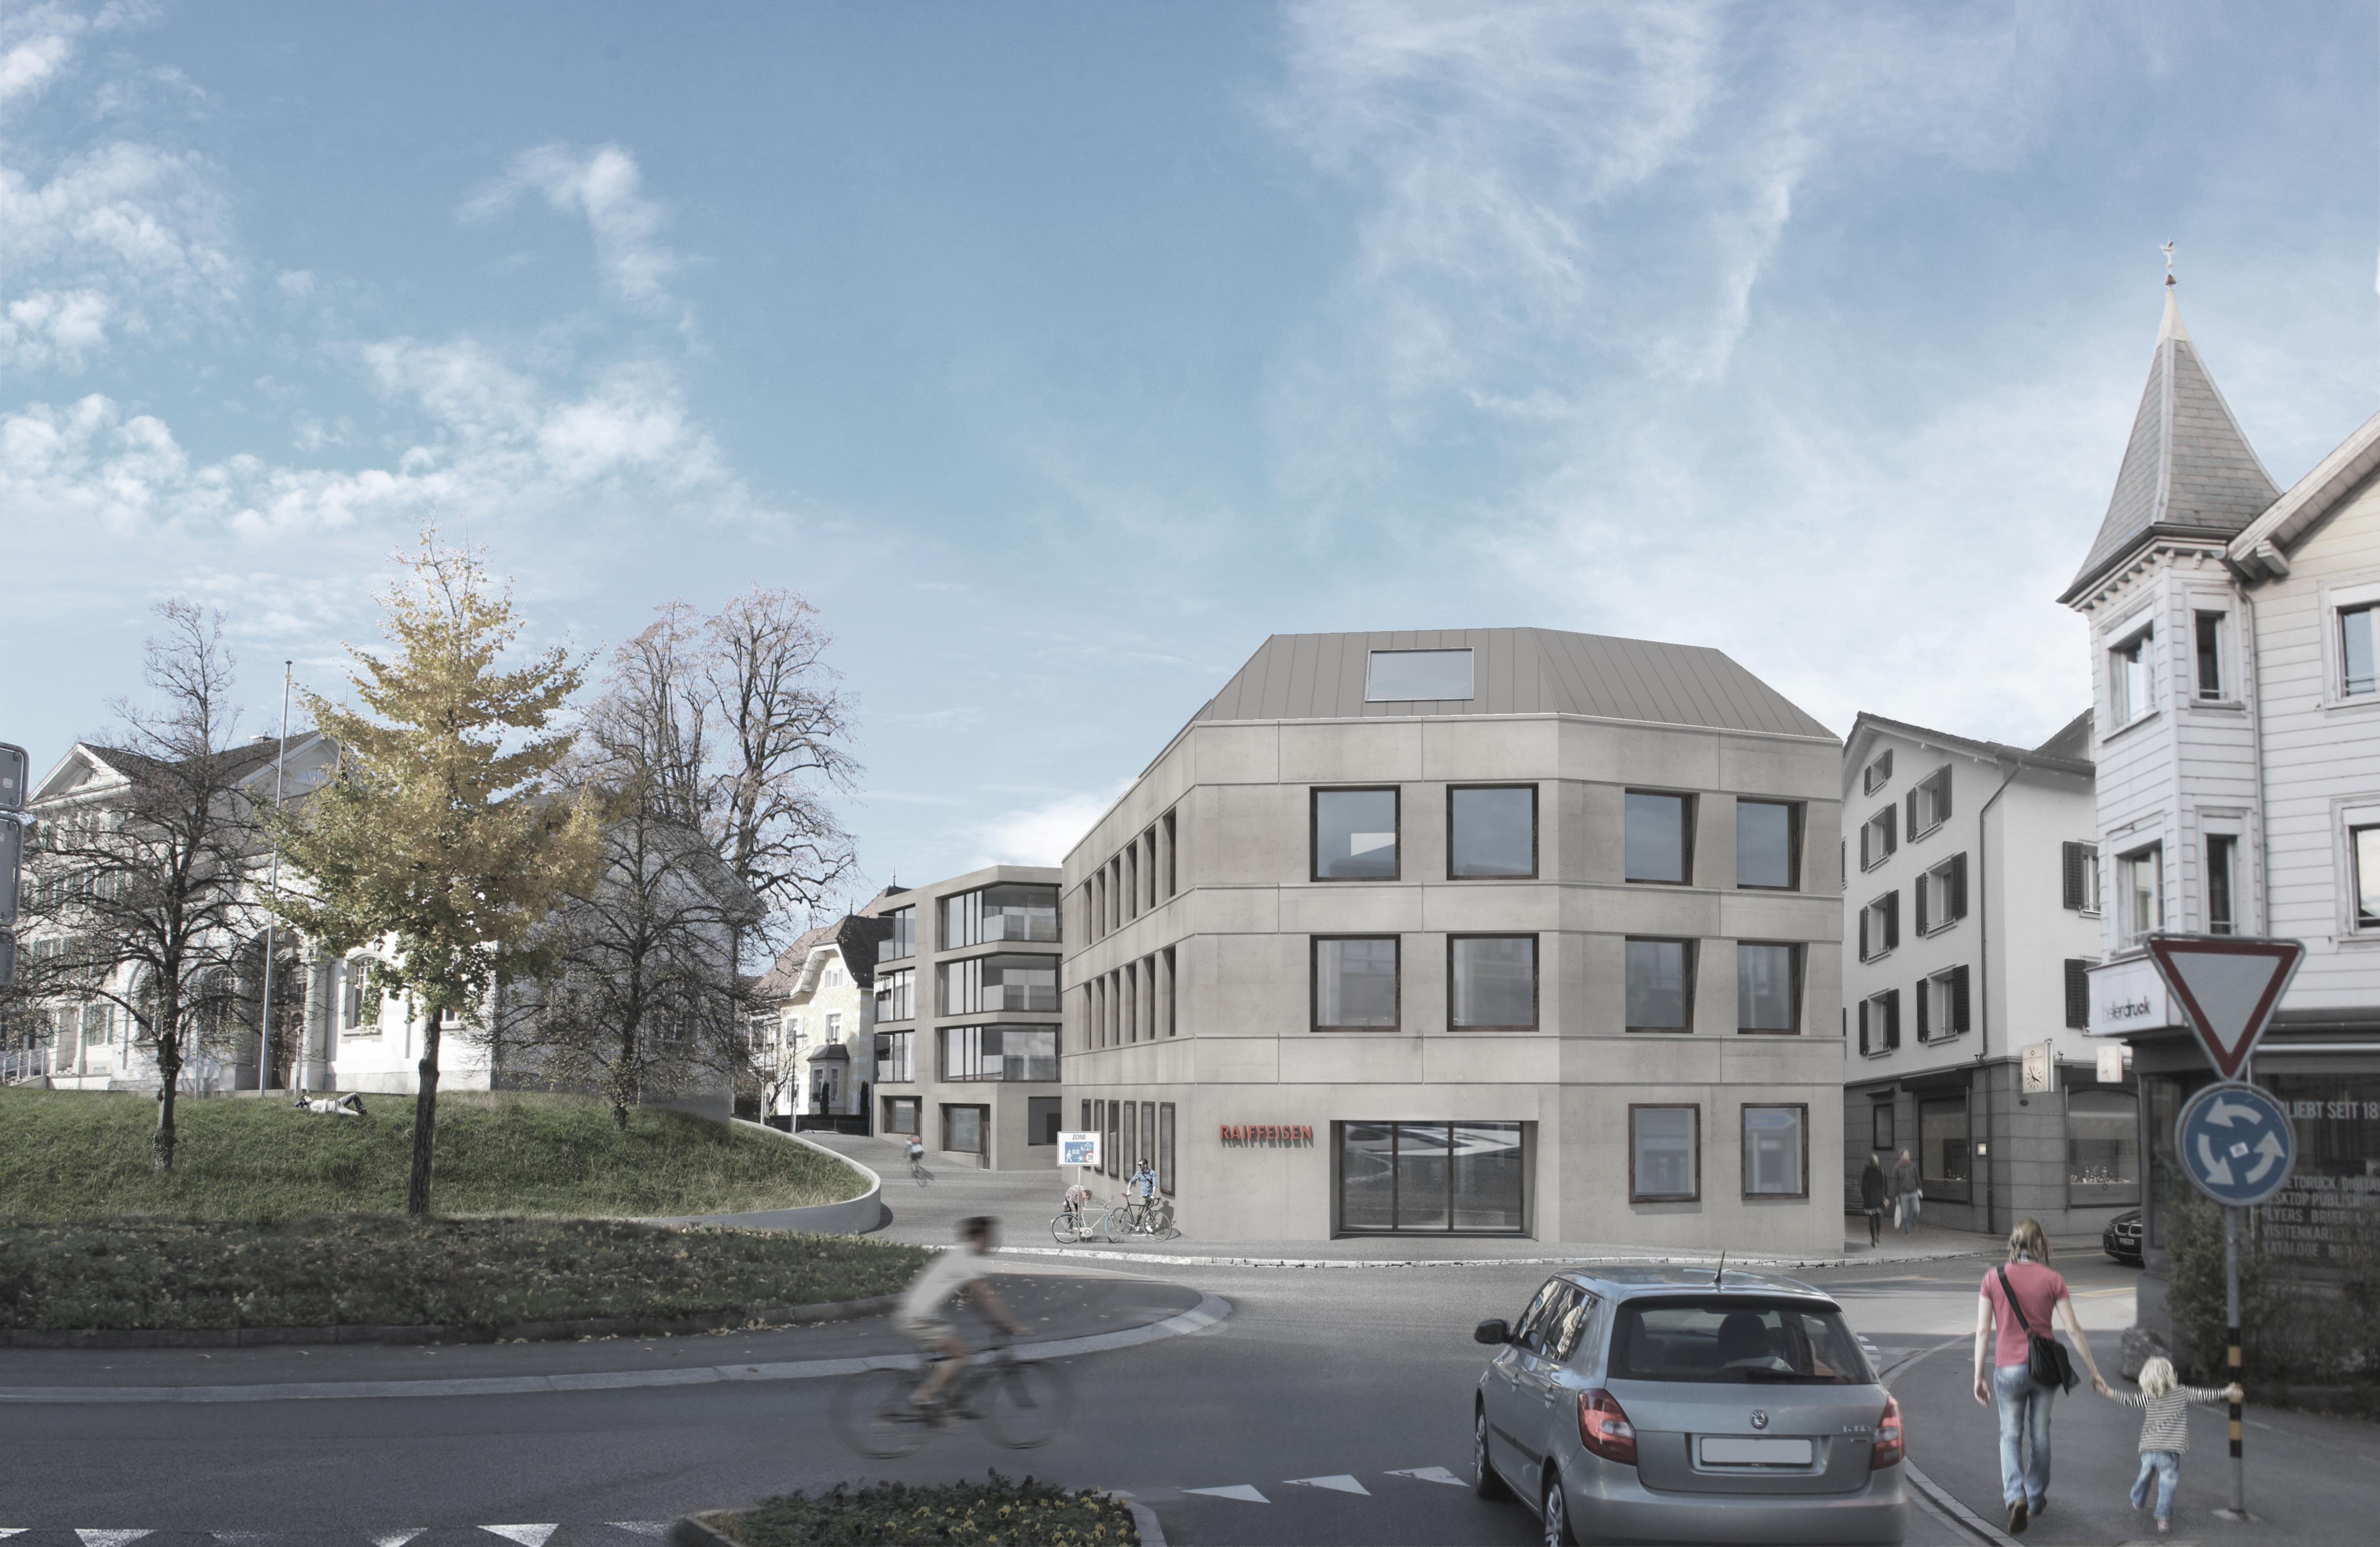 Raffeisenbank Cham, Eggenspieler Architekten AG